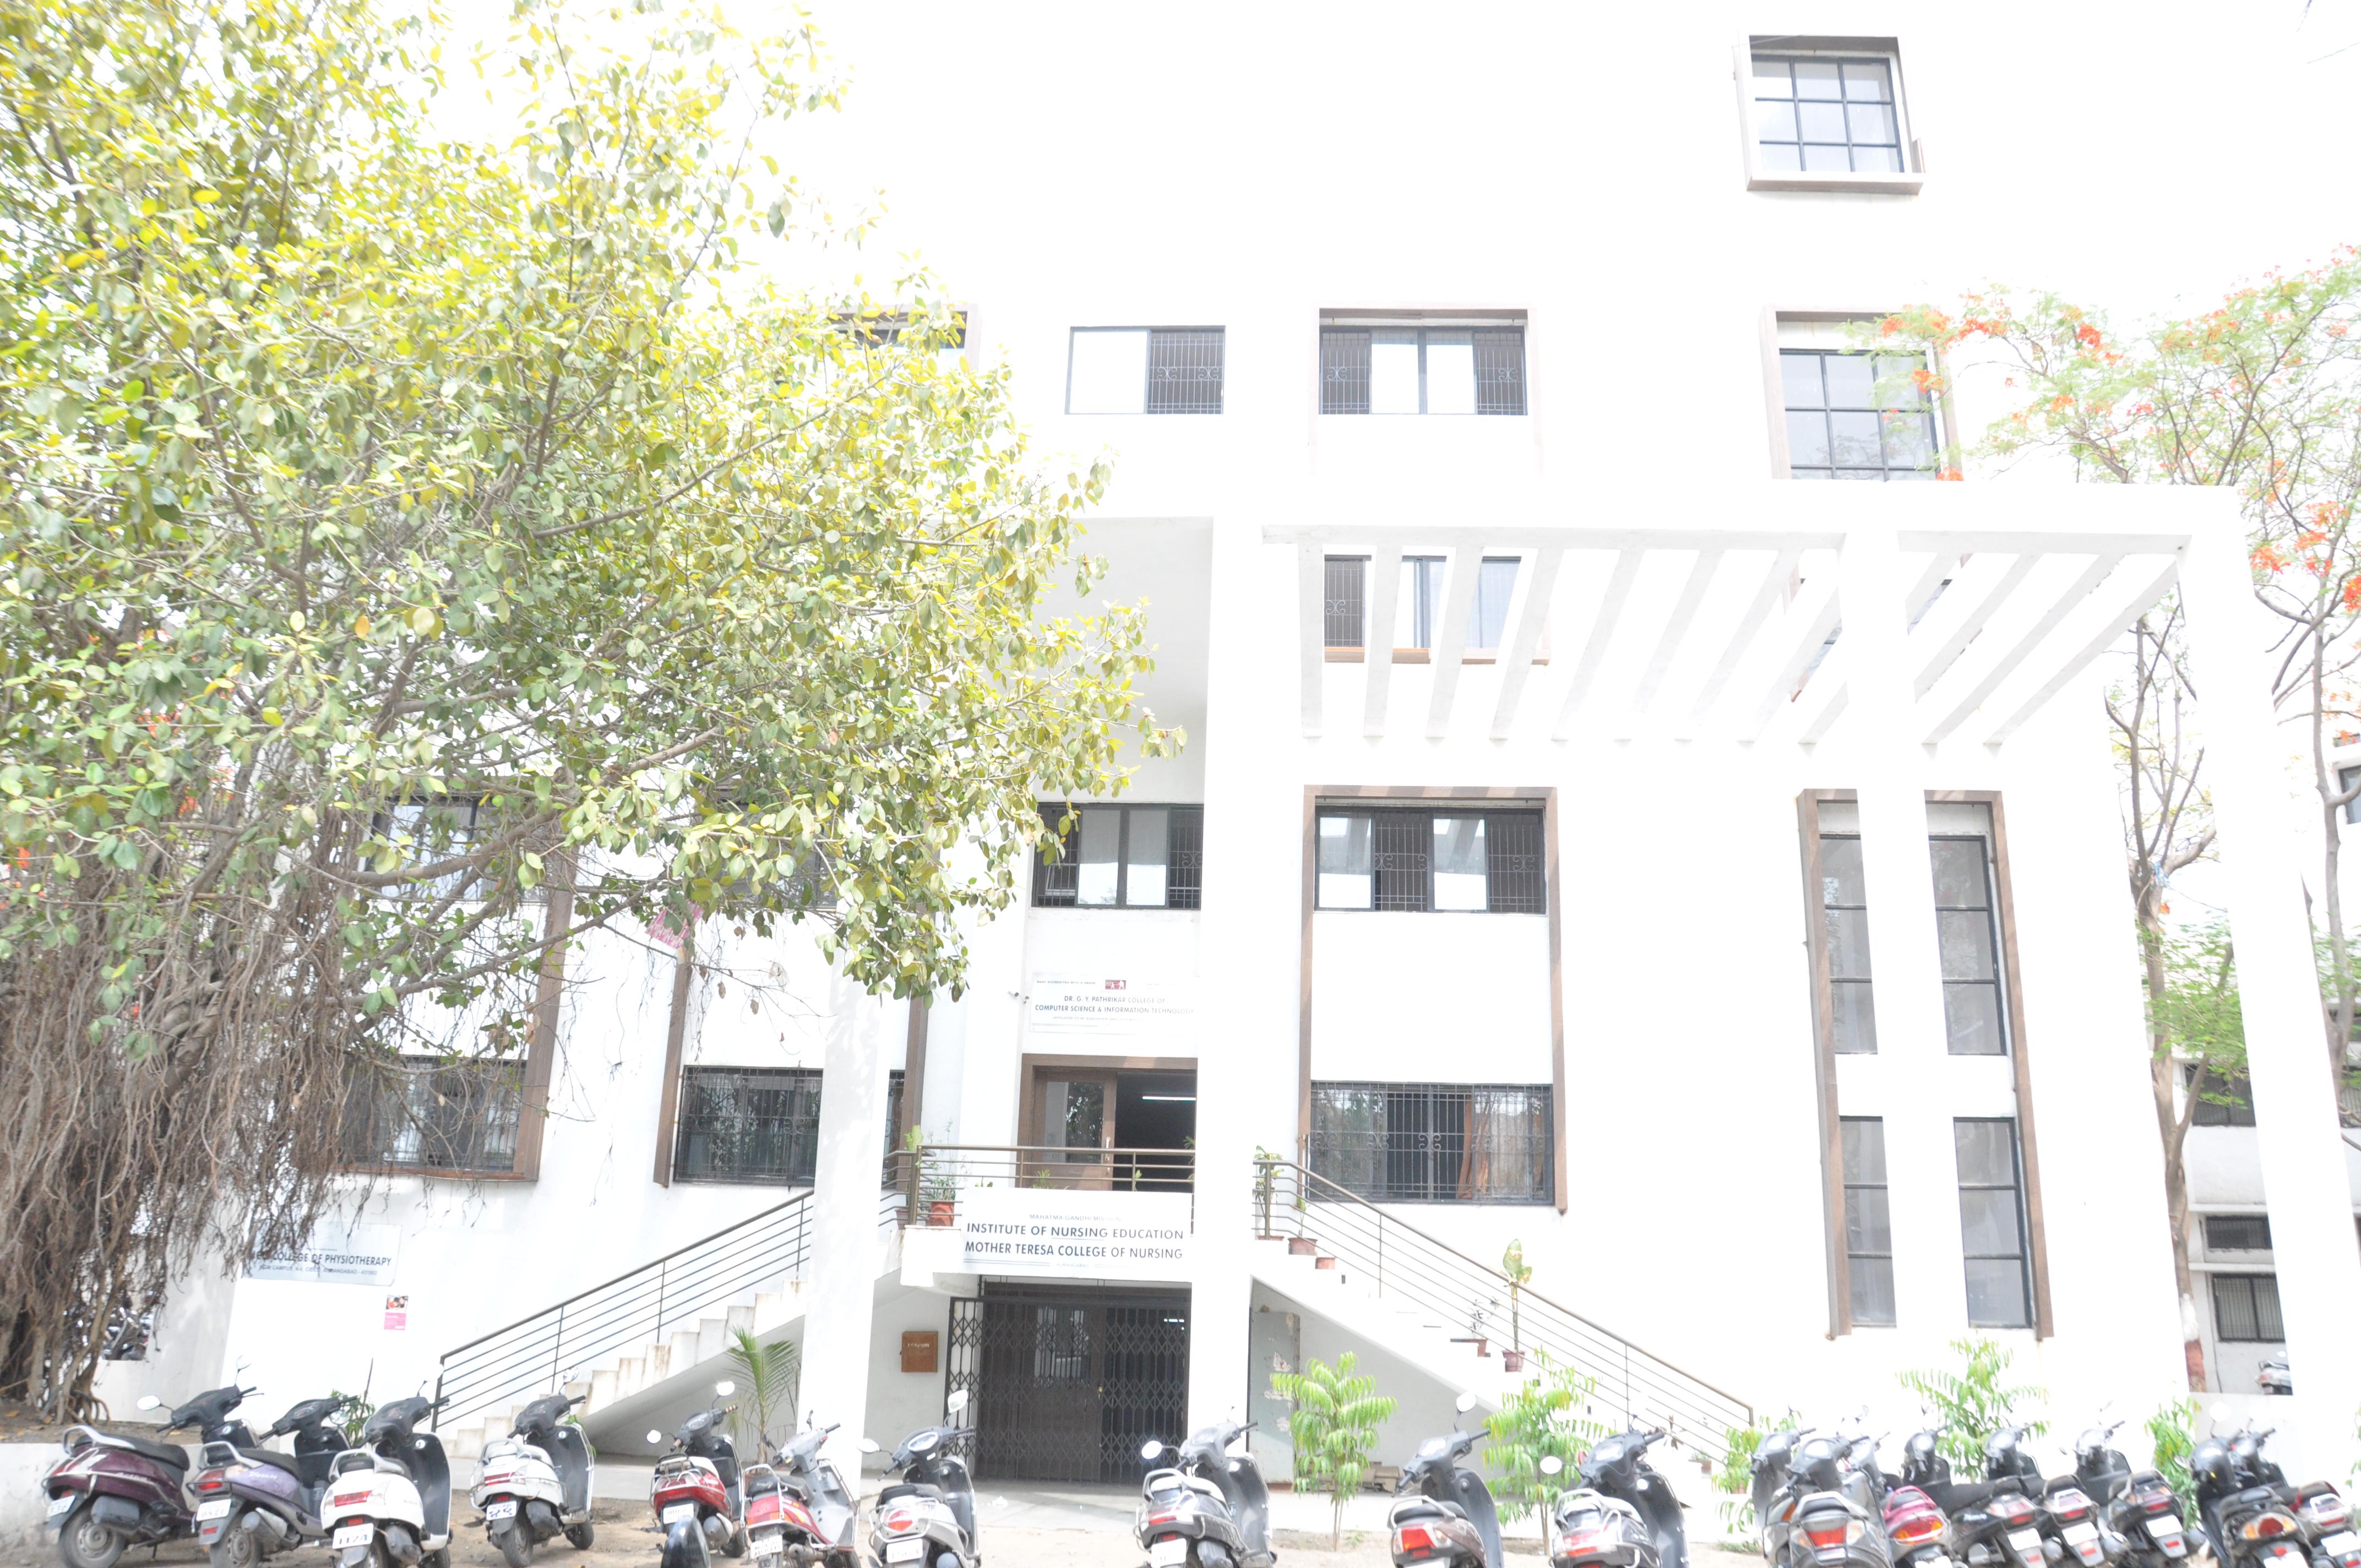 M G M Institute Of Nursing Education, Aurangabad Image